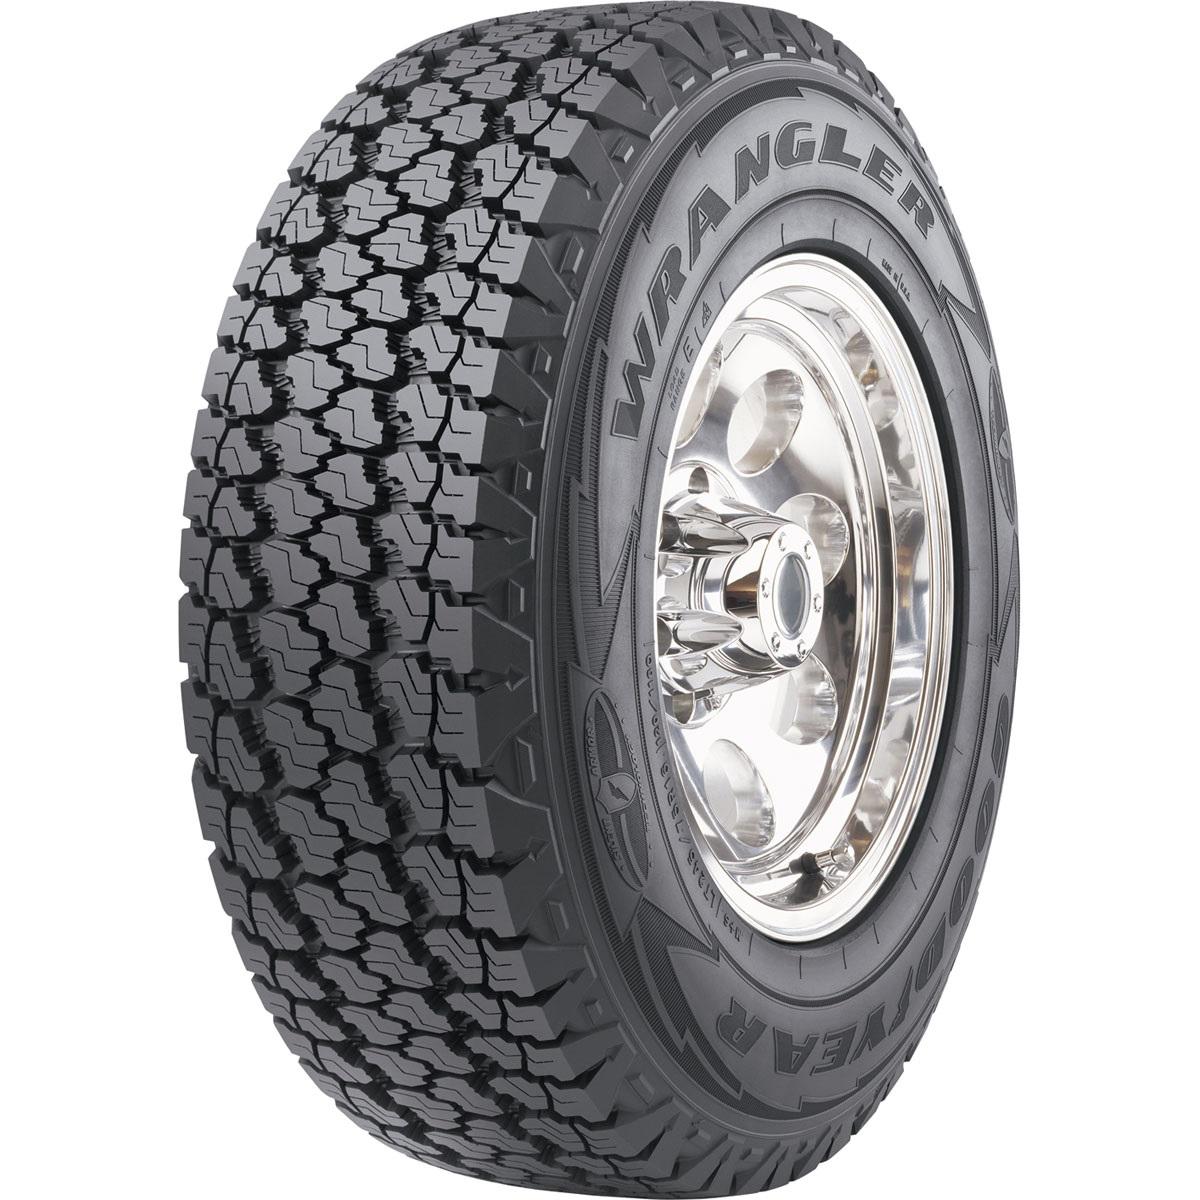 Goodyear Wrangler D Sport 205/80 R 16 Tubeless 104 S Car Tyre